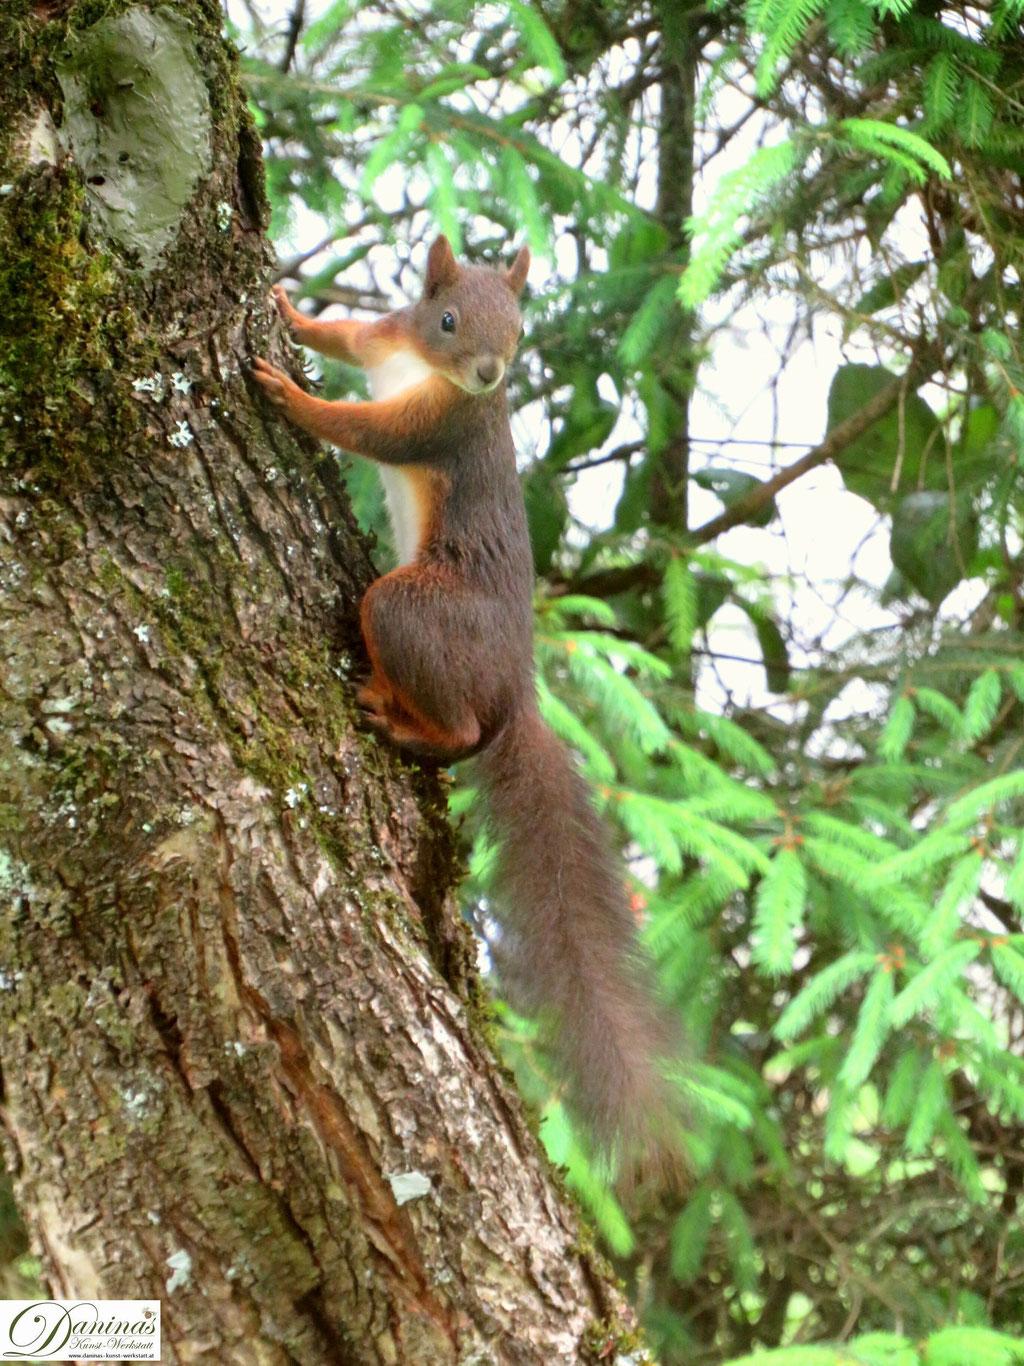 Eichhörnchen im Garten. Entzückende Eichhörnchen Bilder by Daninas-Kunst-Werkstatt.at